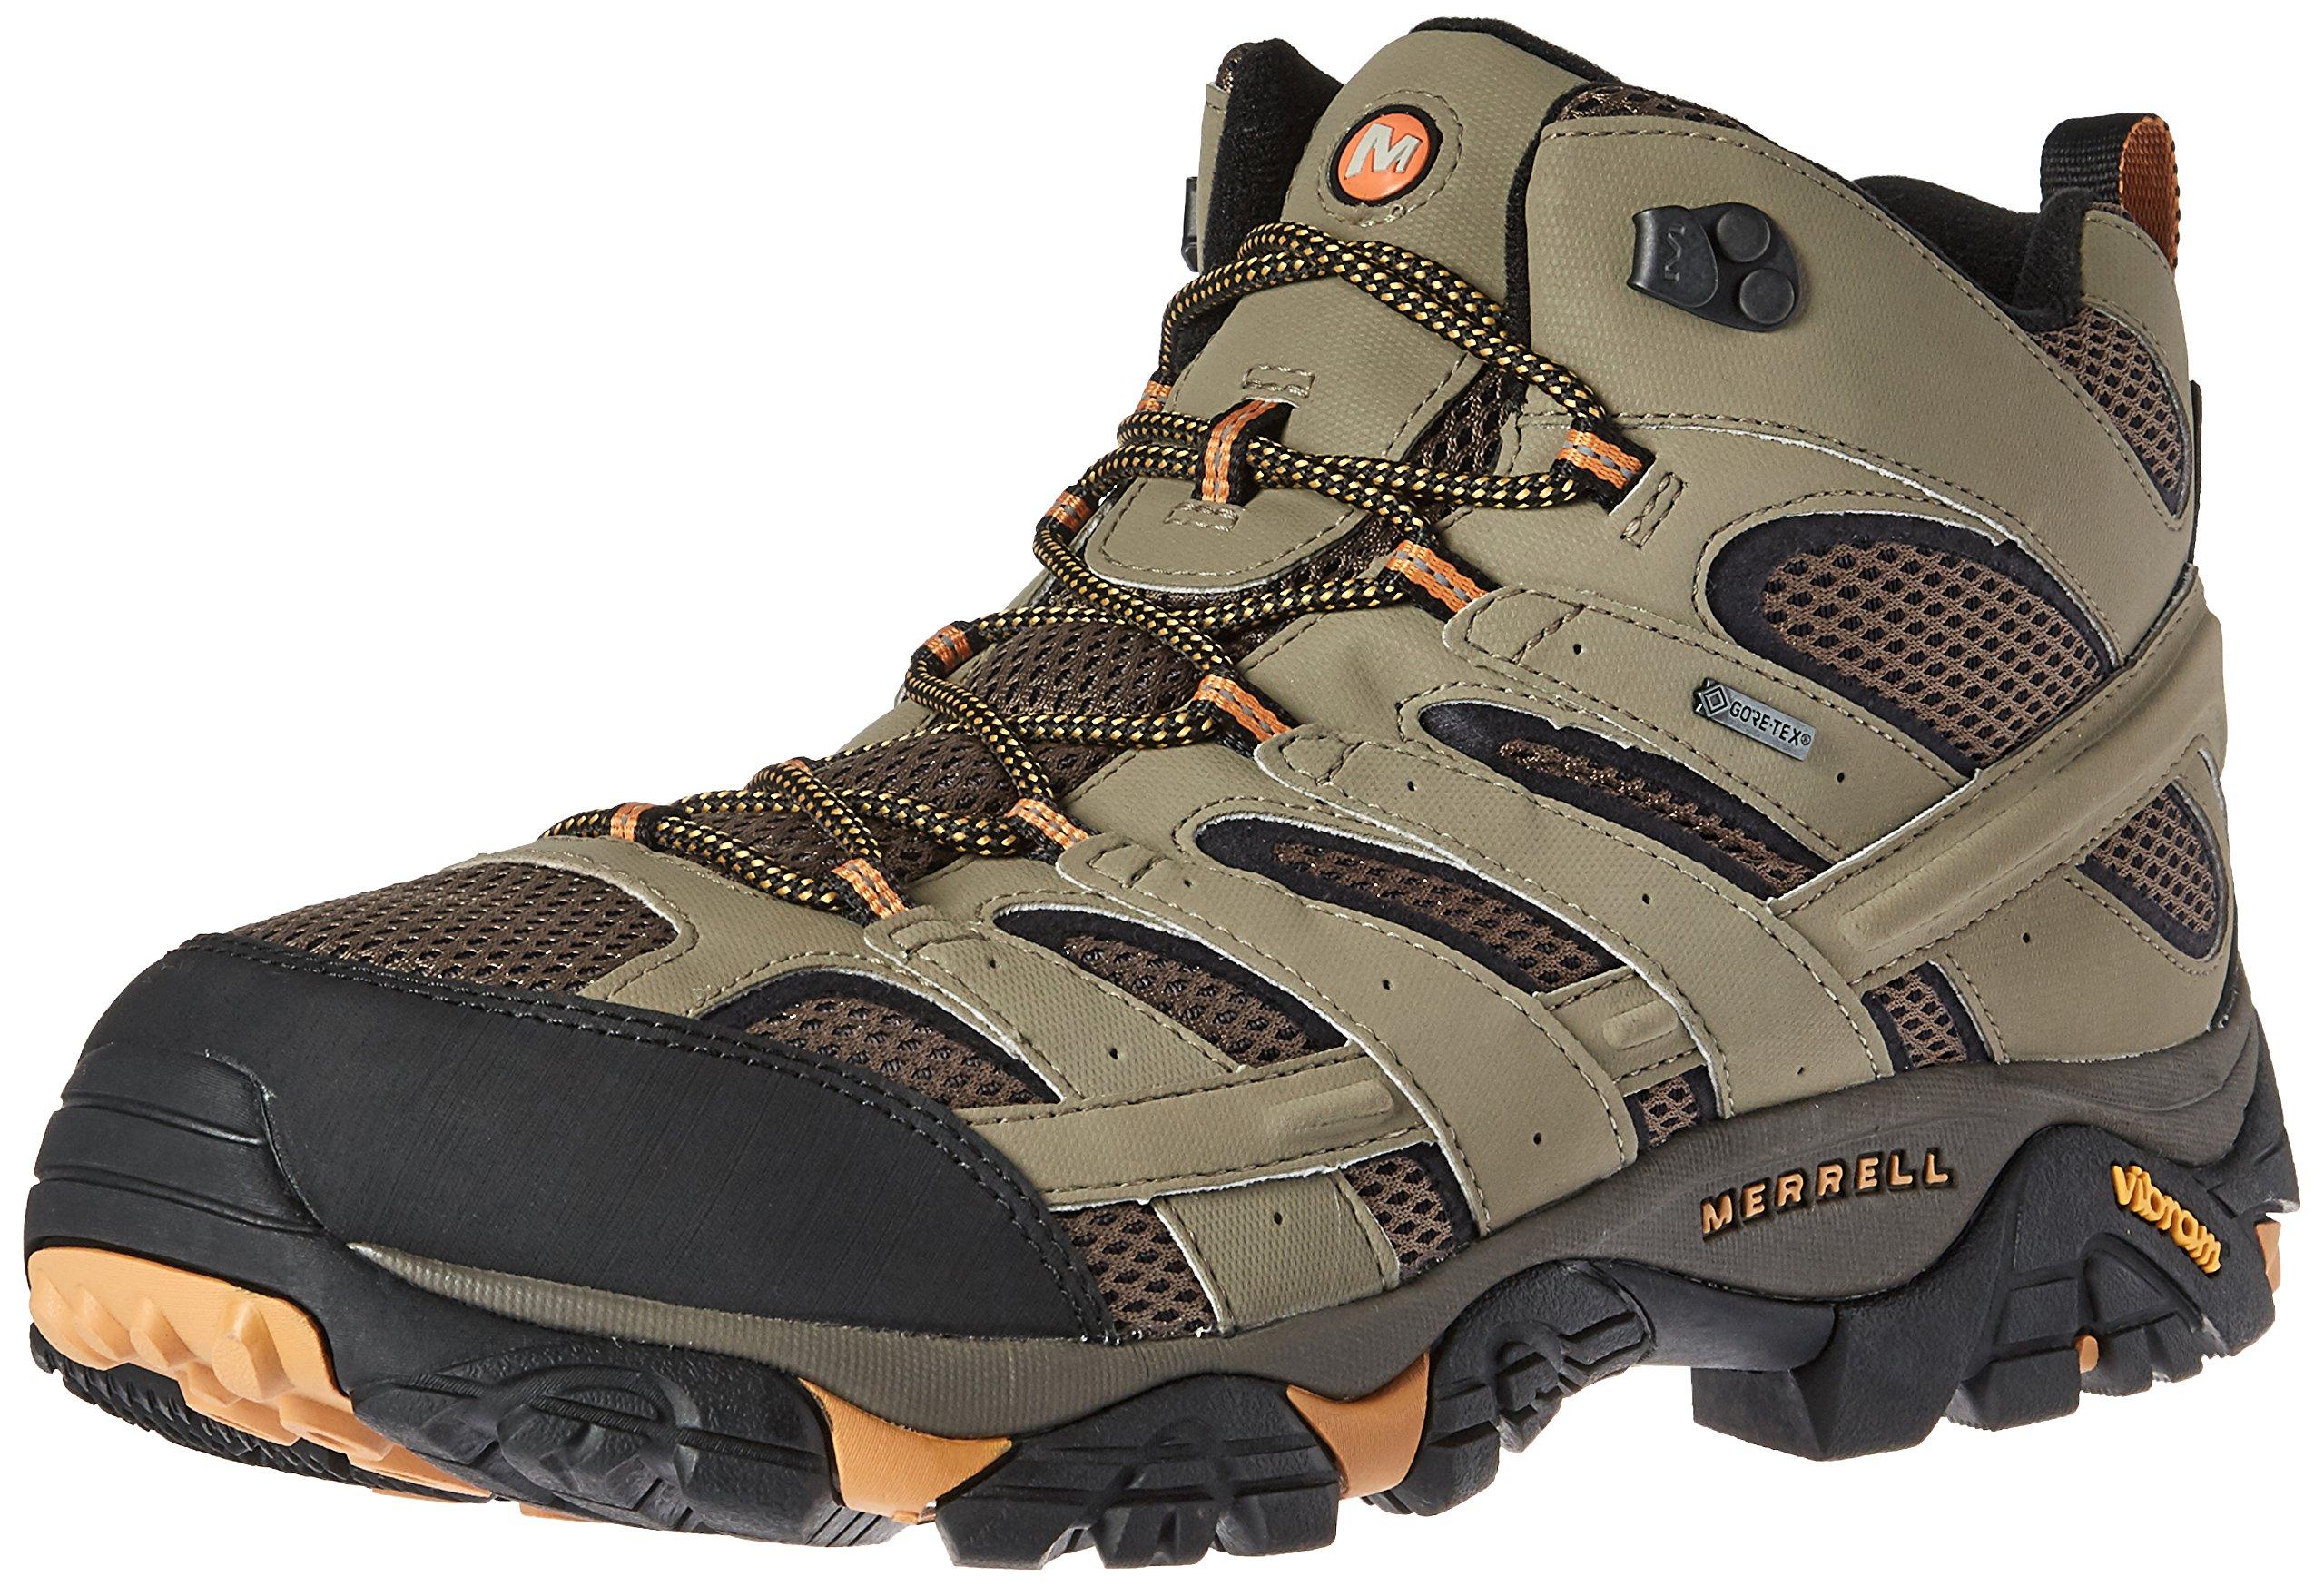 Merrell Moab 2 Mid GTX, Chaussures de Randonnée Hautes Homme